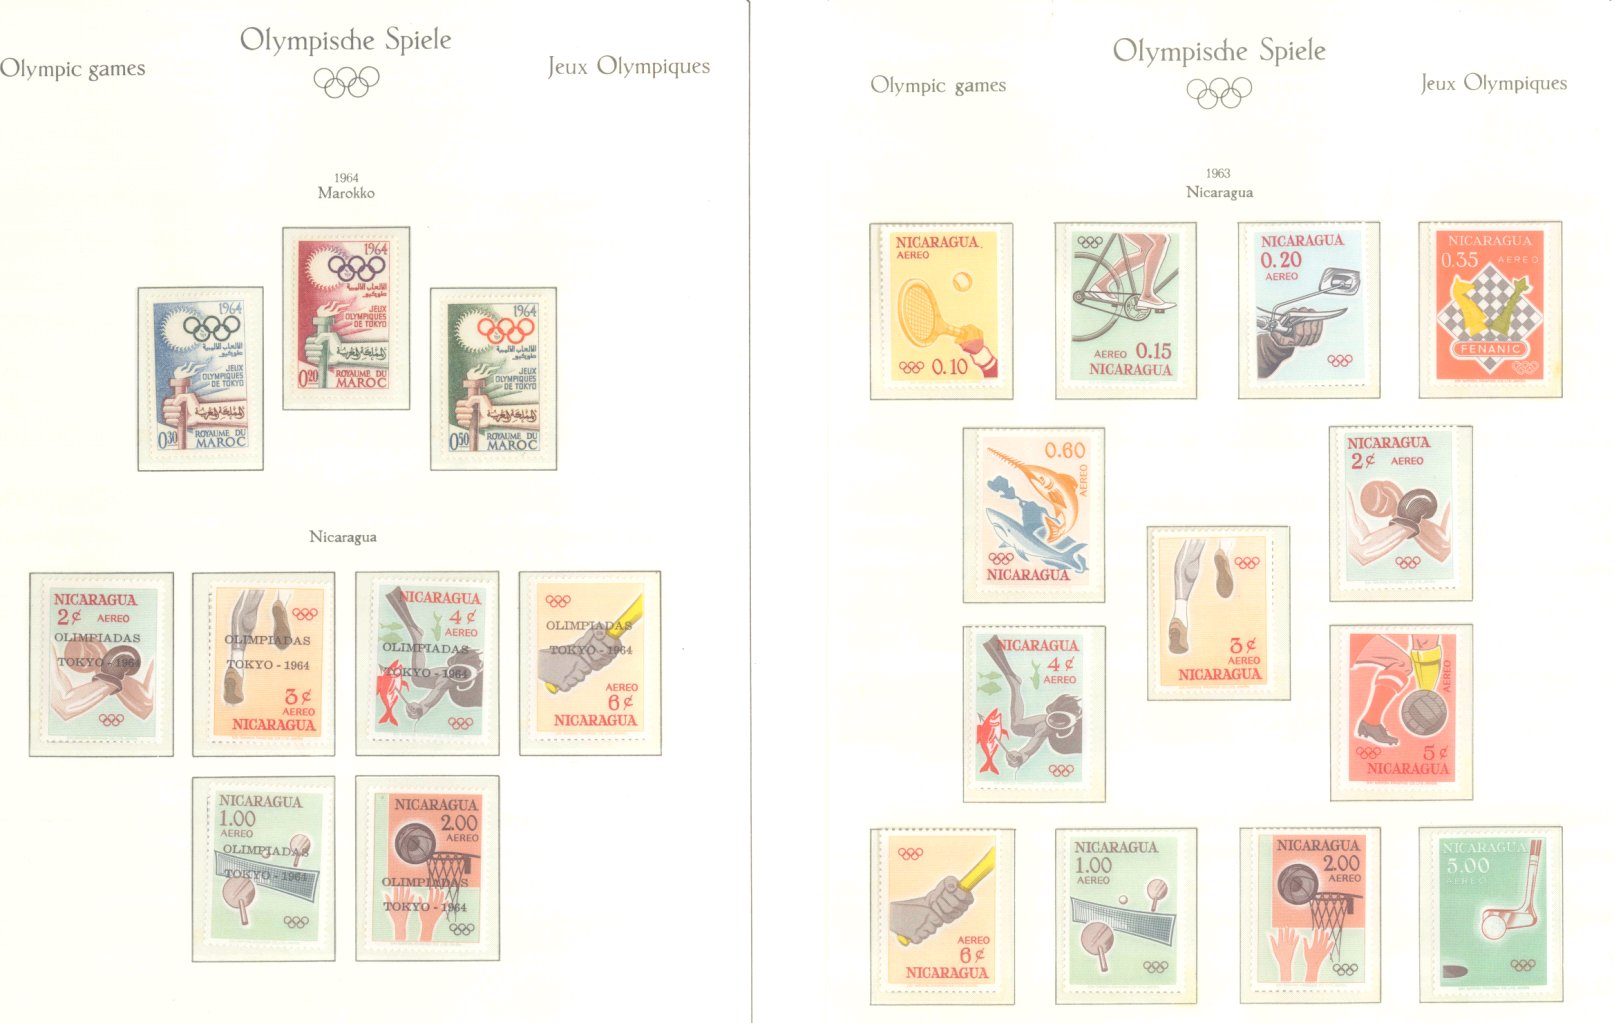 OLYMPISCHE SPIELE 1964 TOKIO, postfrische Sammlung Teil 1-49